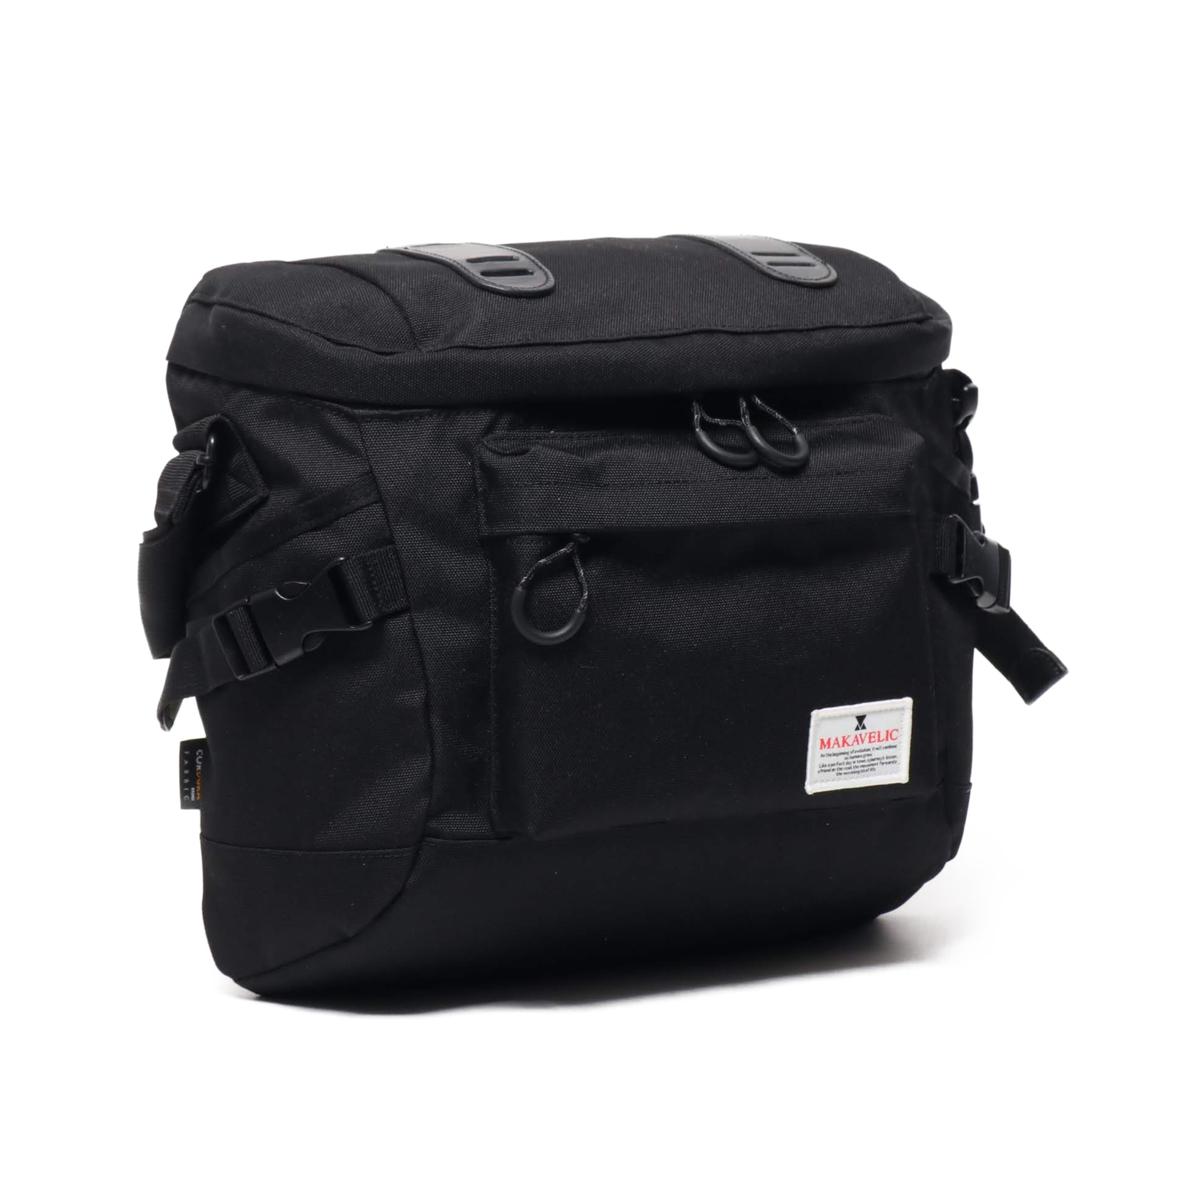 MAKAVELIC TRUCS MOTIVE SHOULDER BAG(BLACK)(マキャベリック トラックス モーティブ ショルダー バッグ)【メンズ】【ショルダーバッグ】【20SP-I】